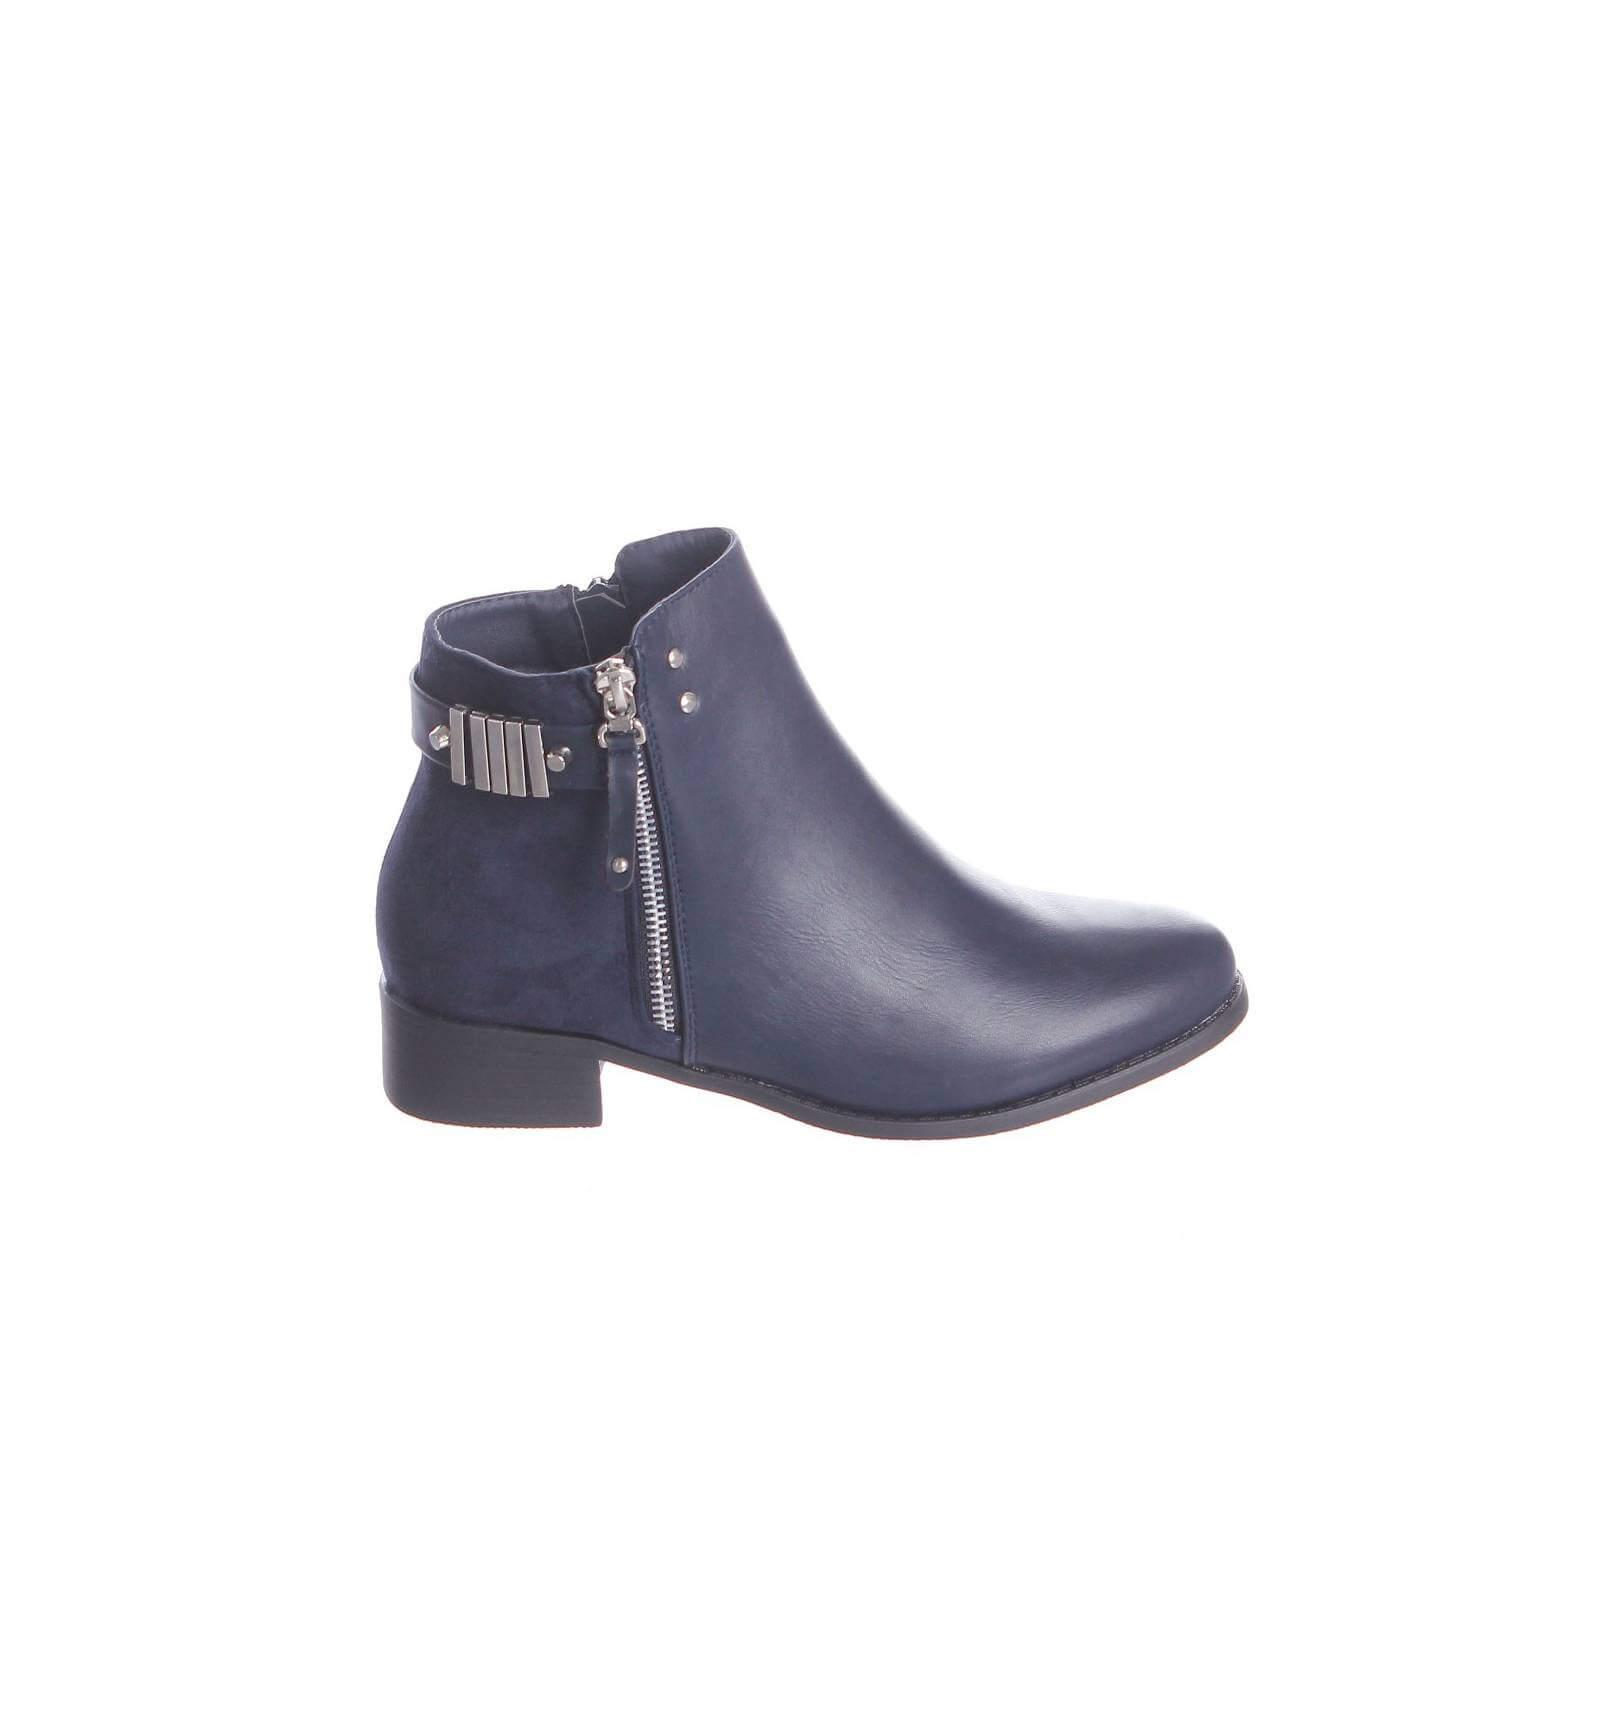 Bottines bleues femme - Boite rangement chaussures plastique ...